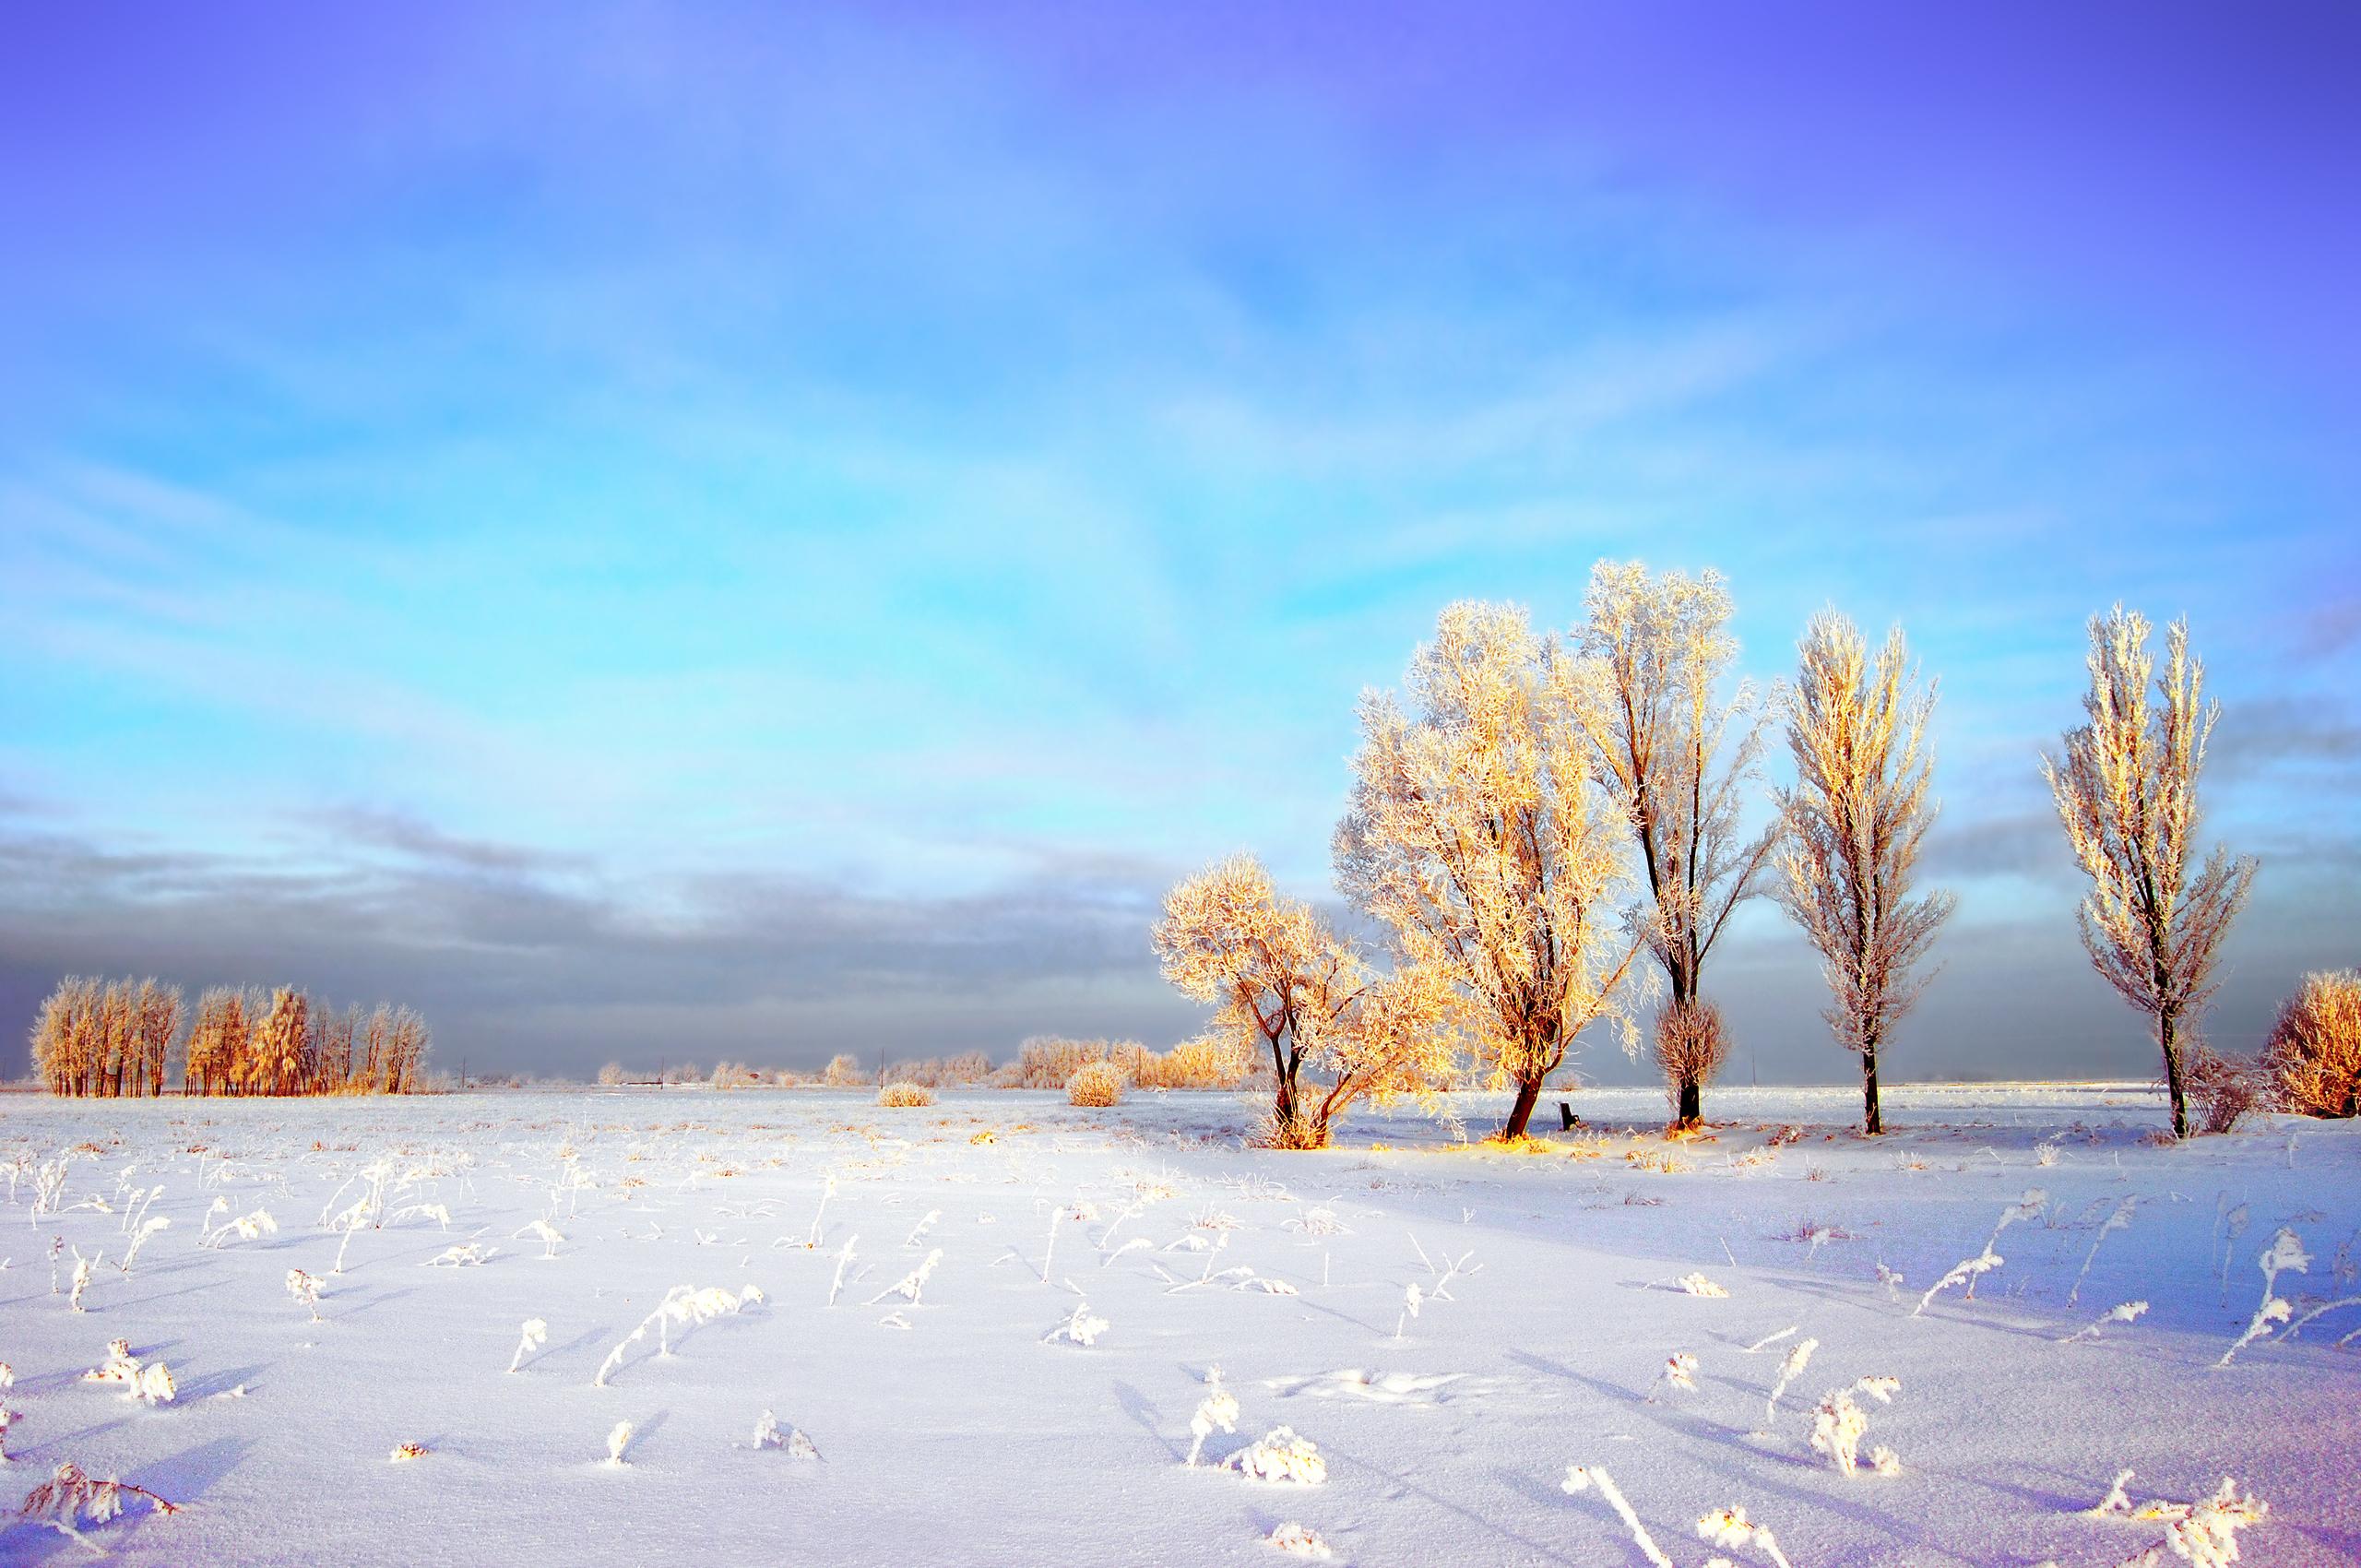 Снег деревья поле бесплатно